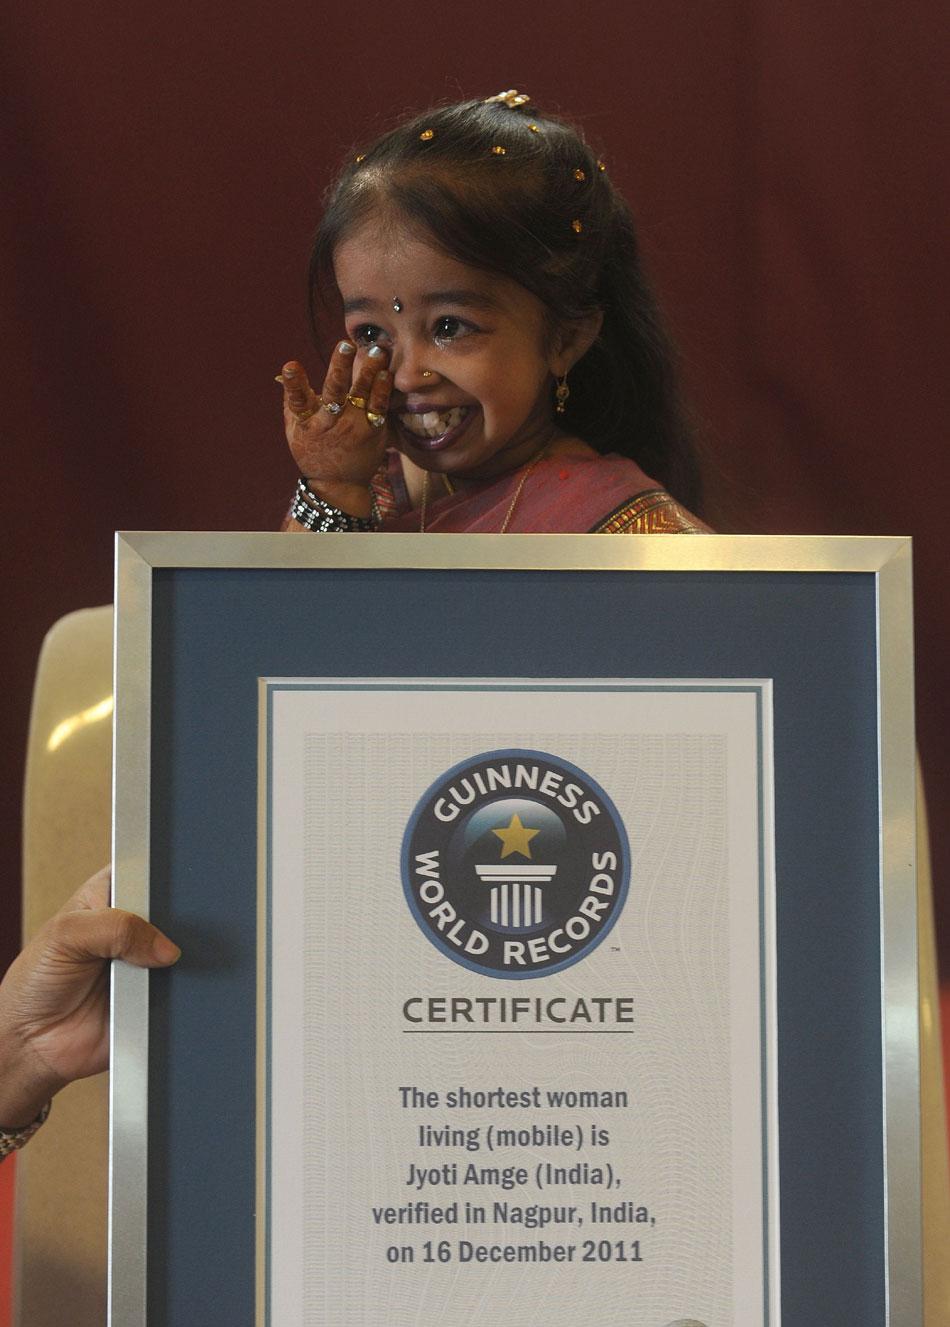 the story of worlds shortest woman jyoti amge minnal malayali